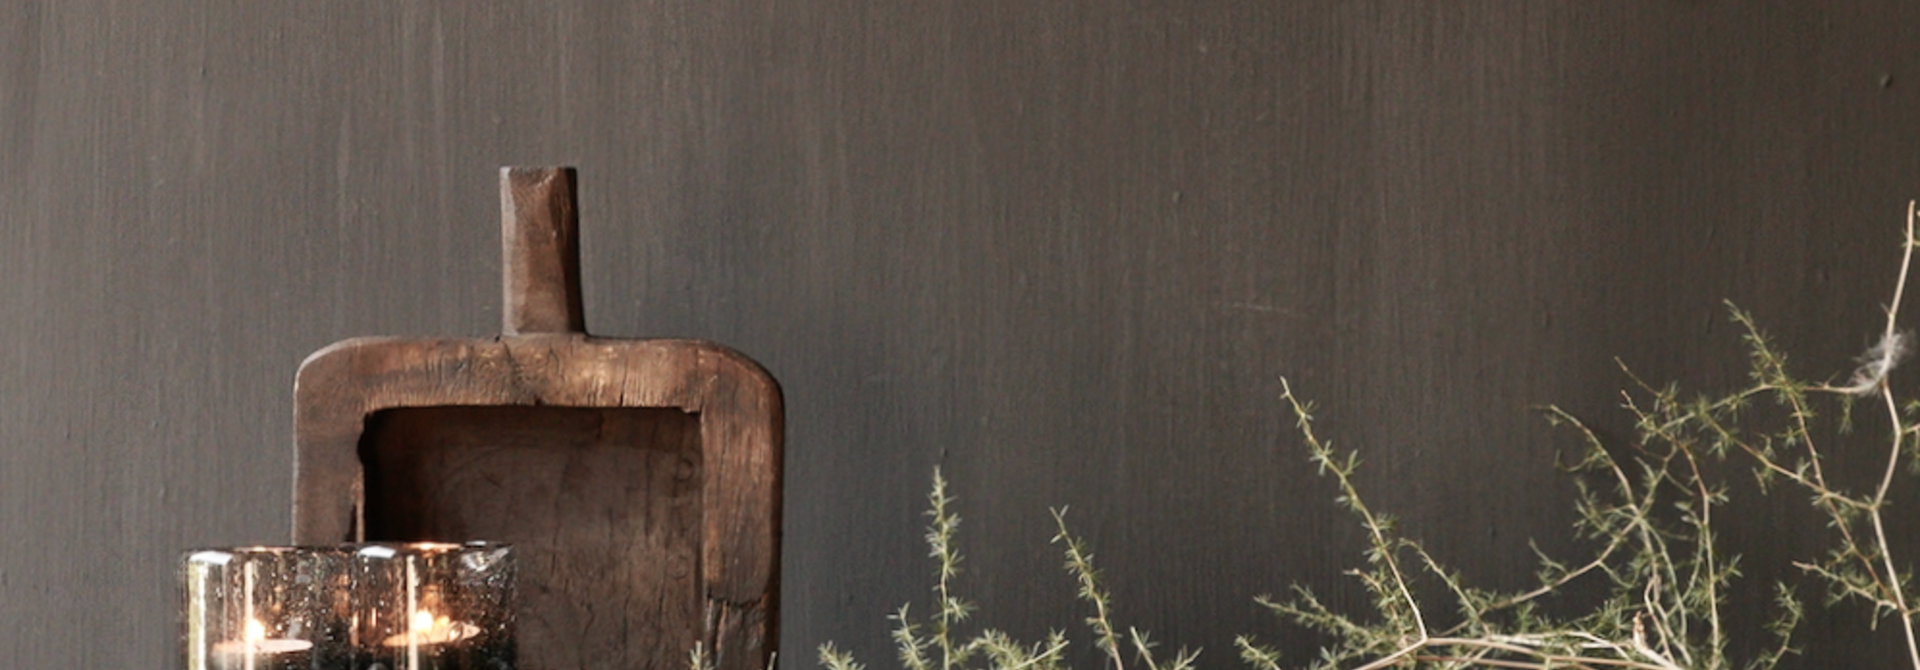 Klein  plankje  hand gemaakt van oud gebruikt hout